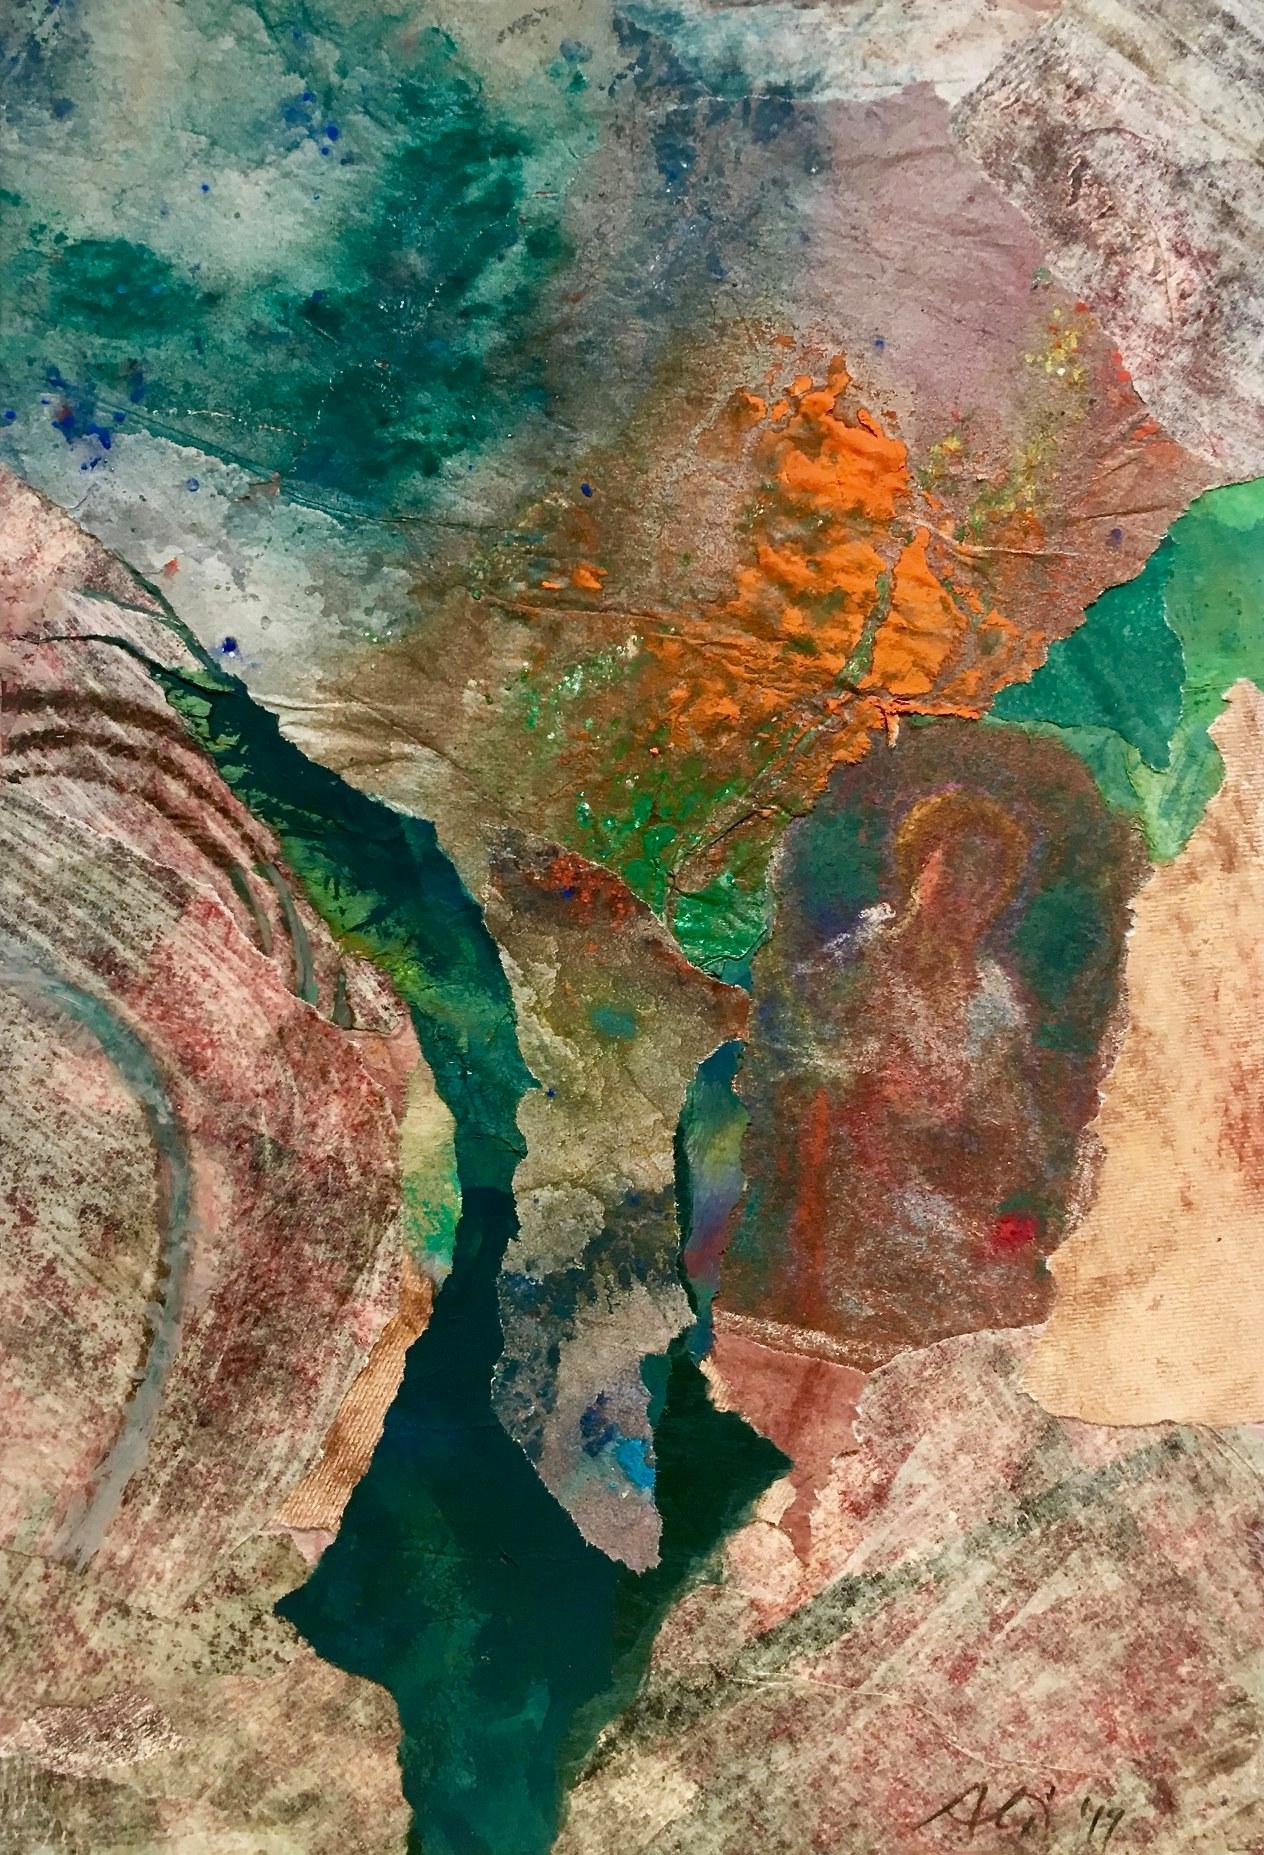 """7 / ALIDA BRUNATI, """"FRAMMENTO DI PASSATO"""", 20 x 30 cm."""